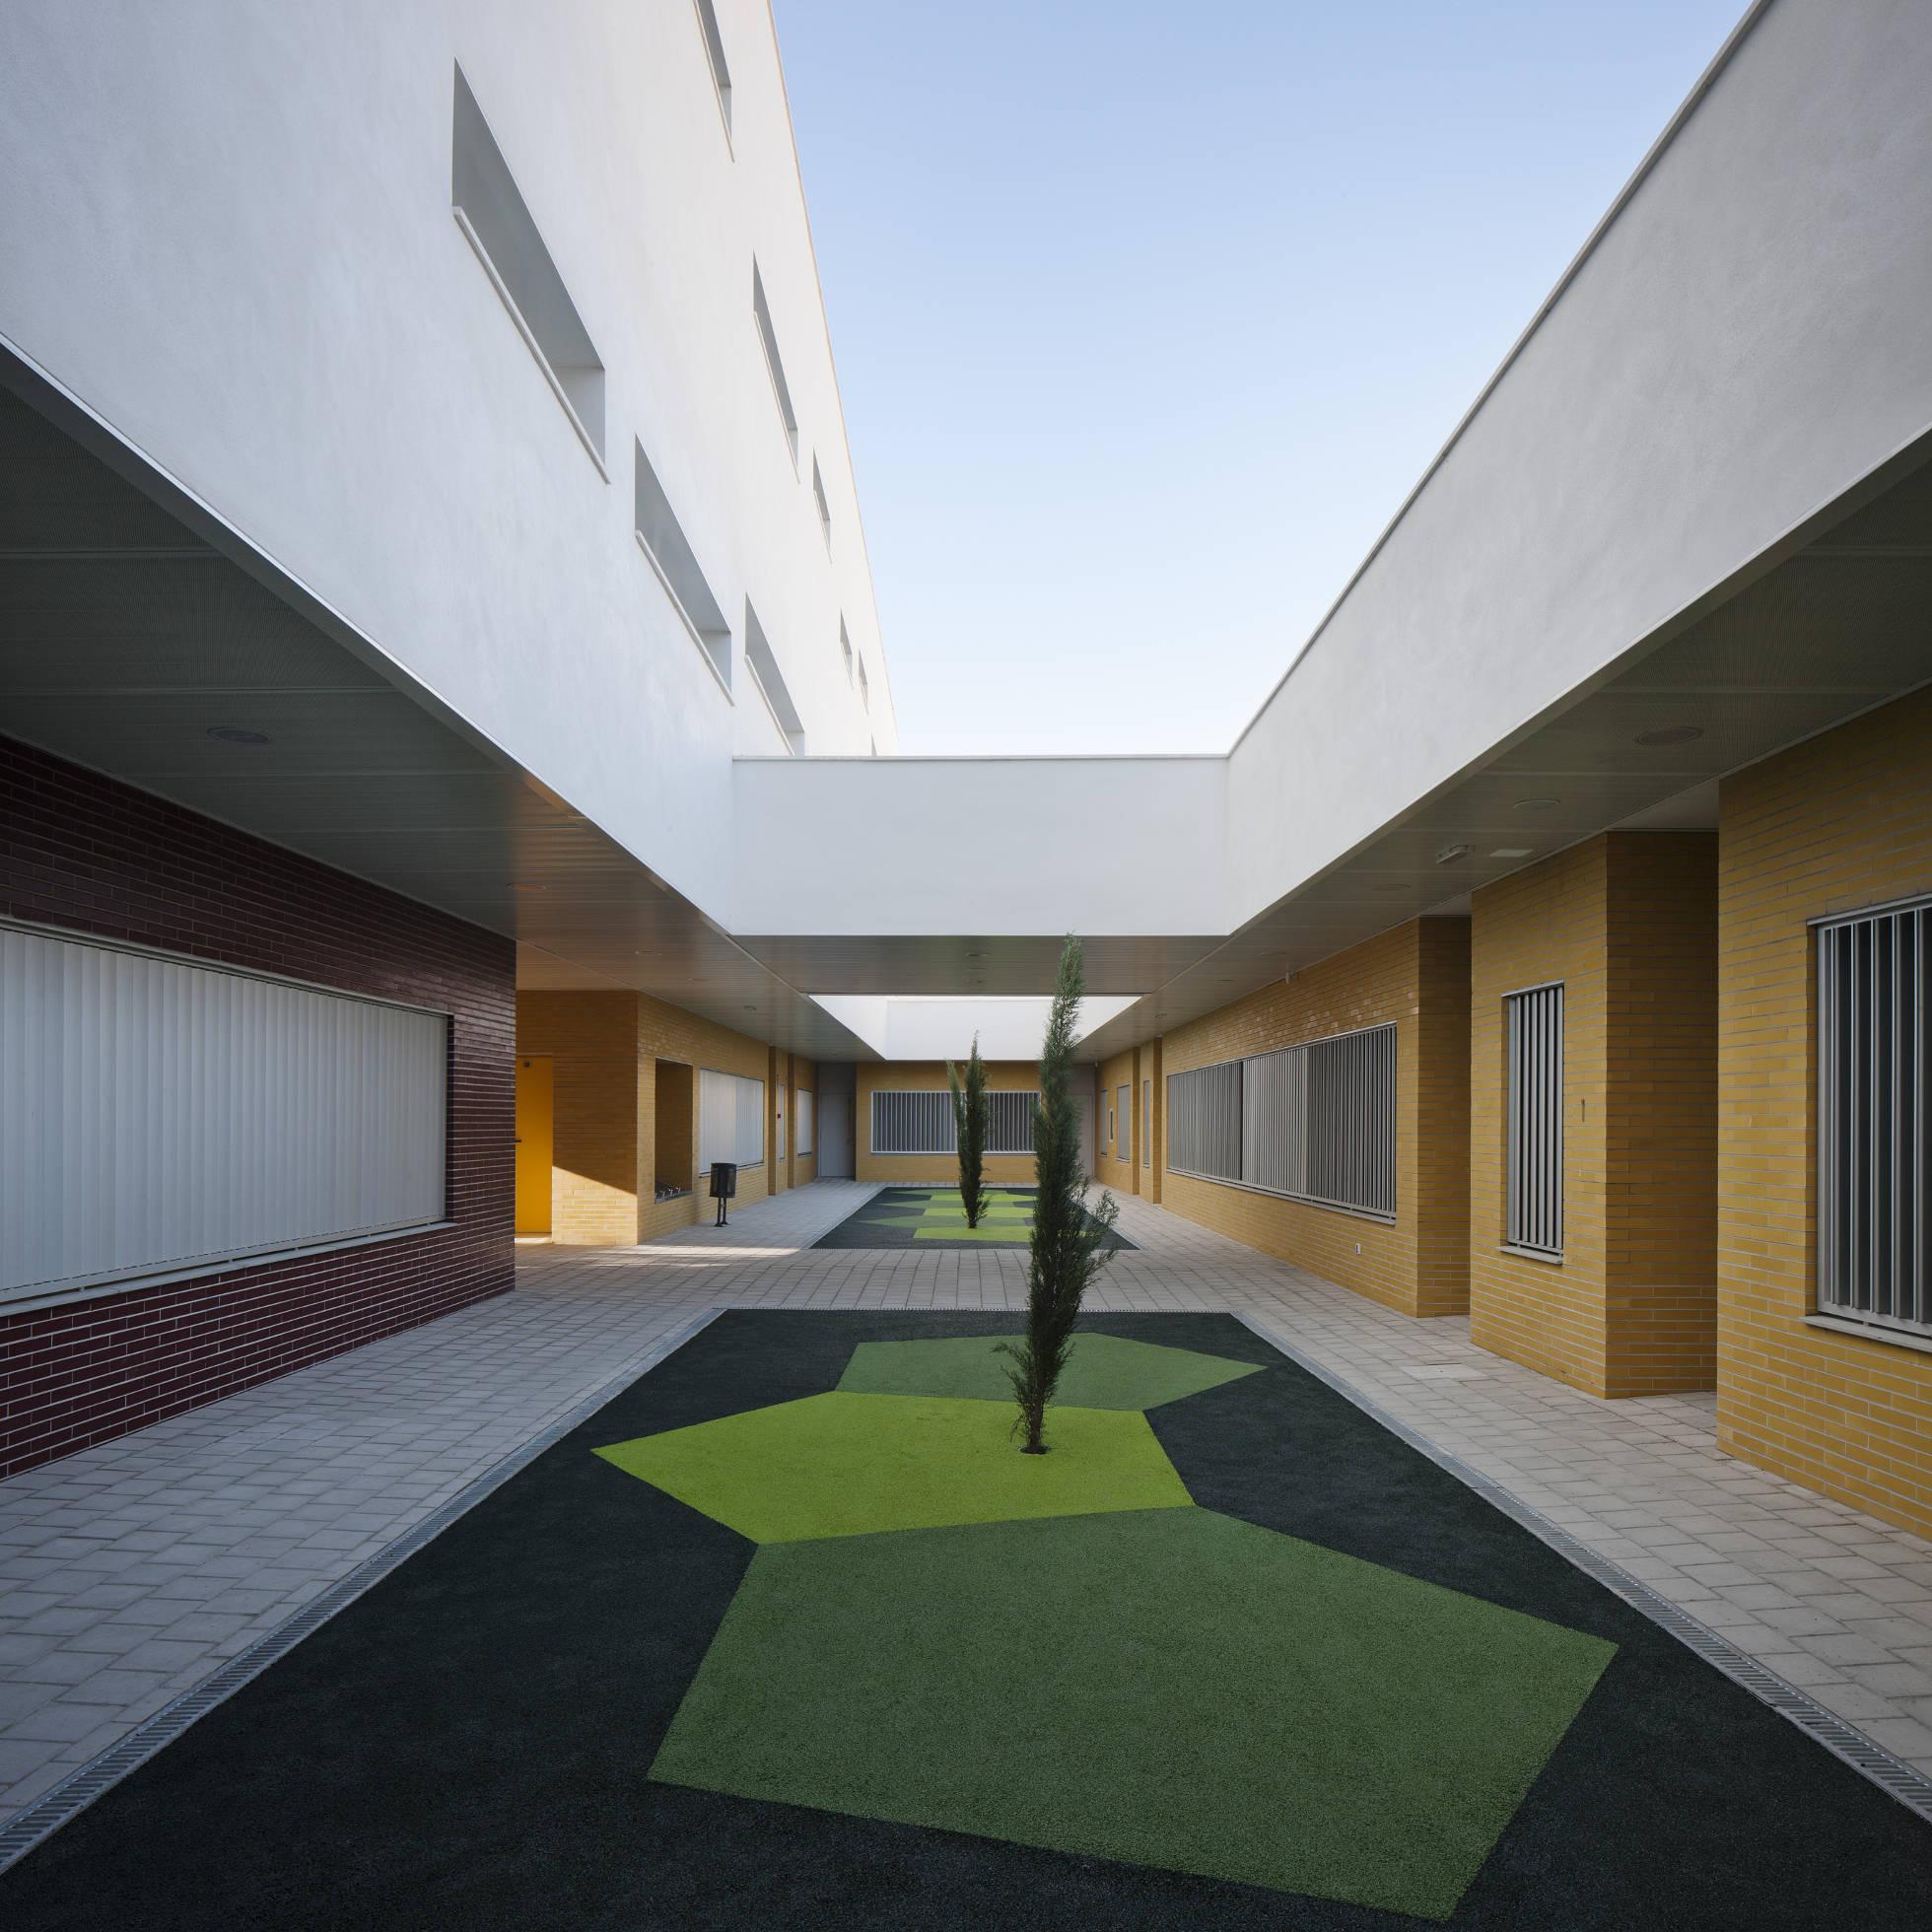 Centro de educación infantil y primaria en Córdoba